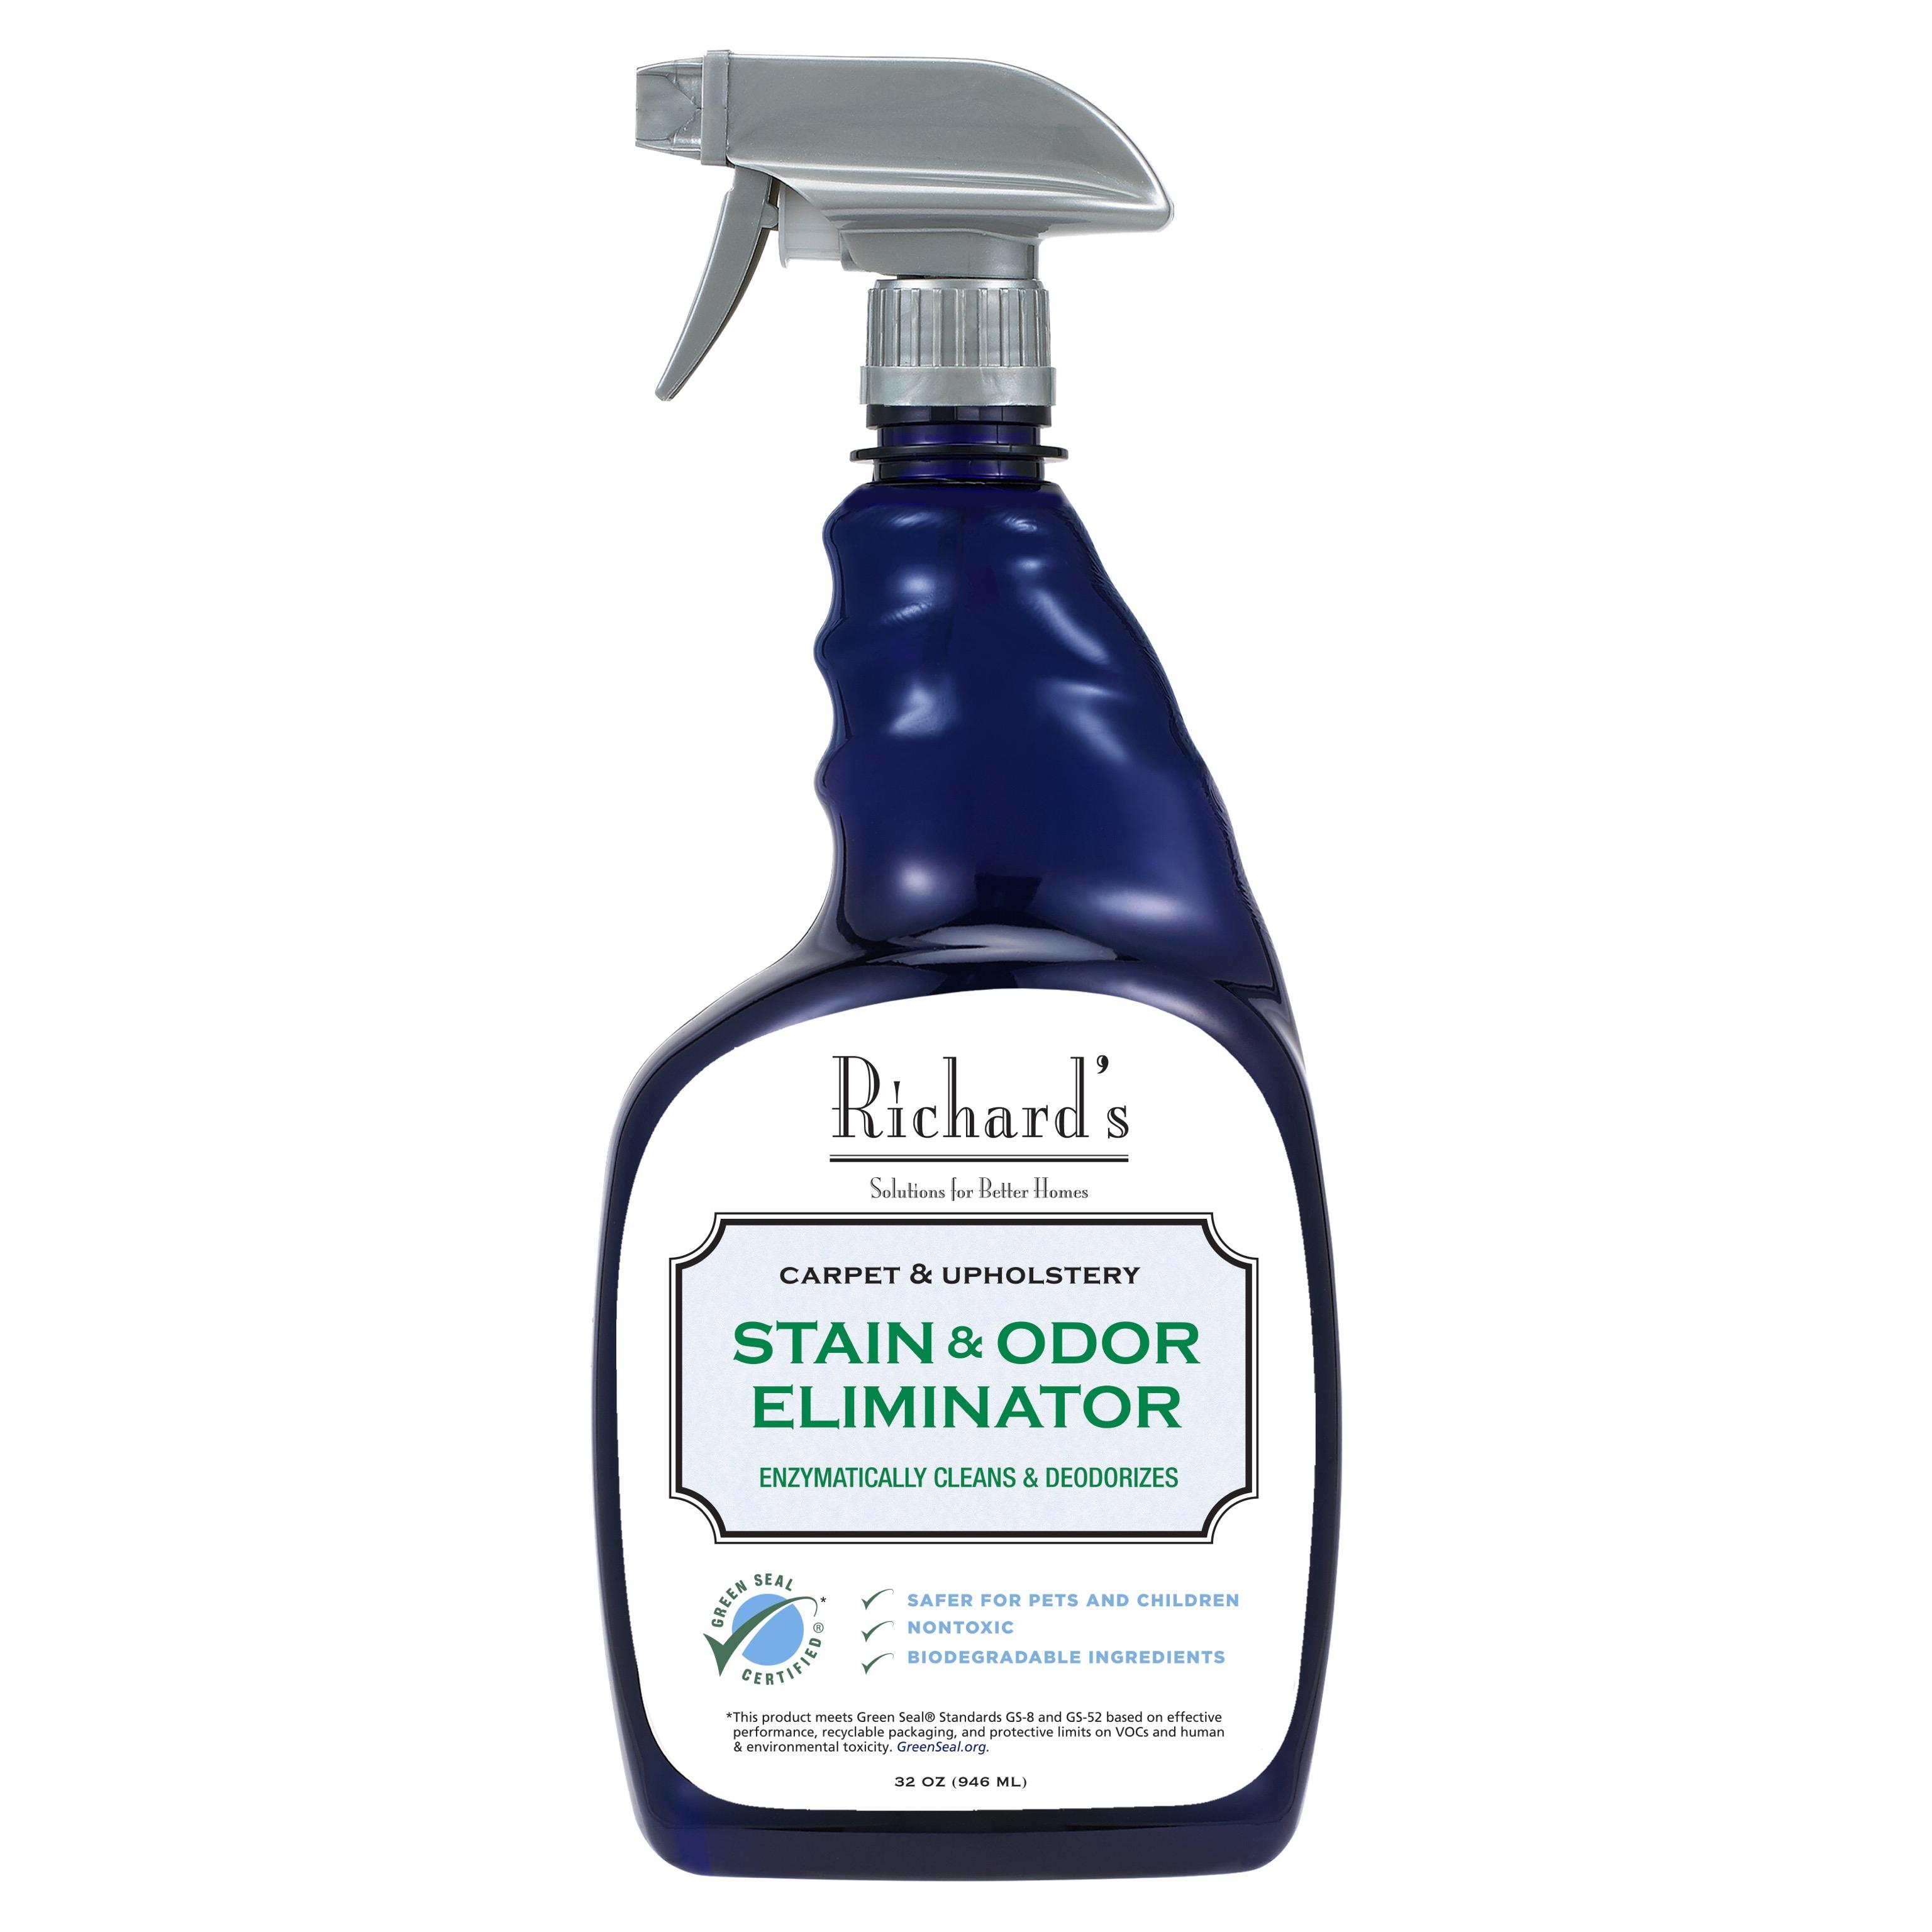 Xịt Diệt Khuẩn & Khử Mùi Organic Richard's Mỹ 946ml